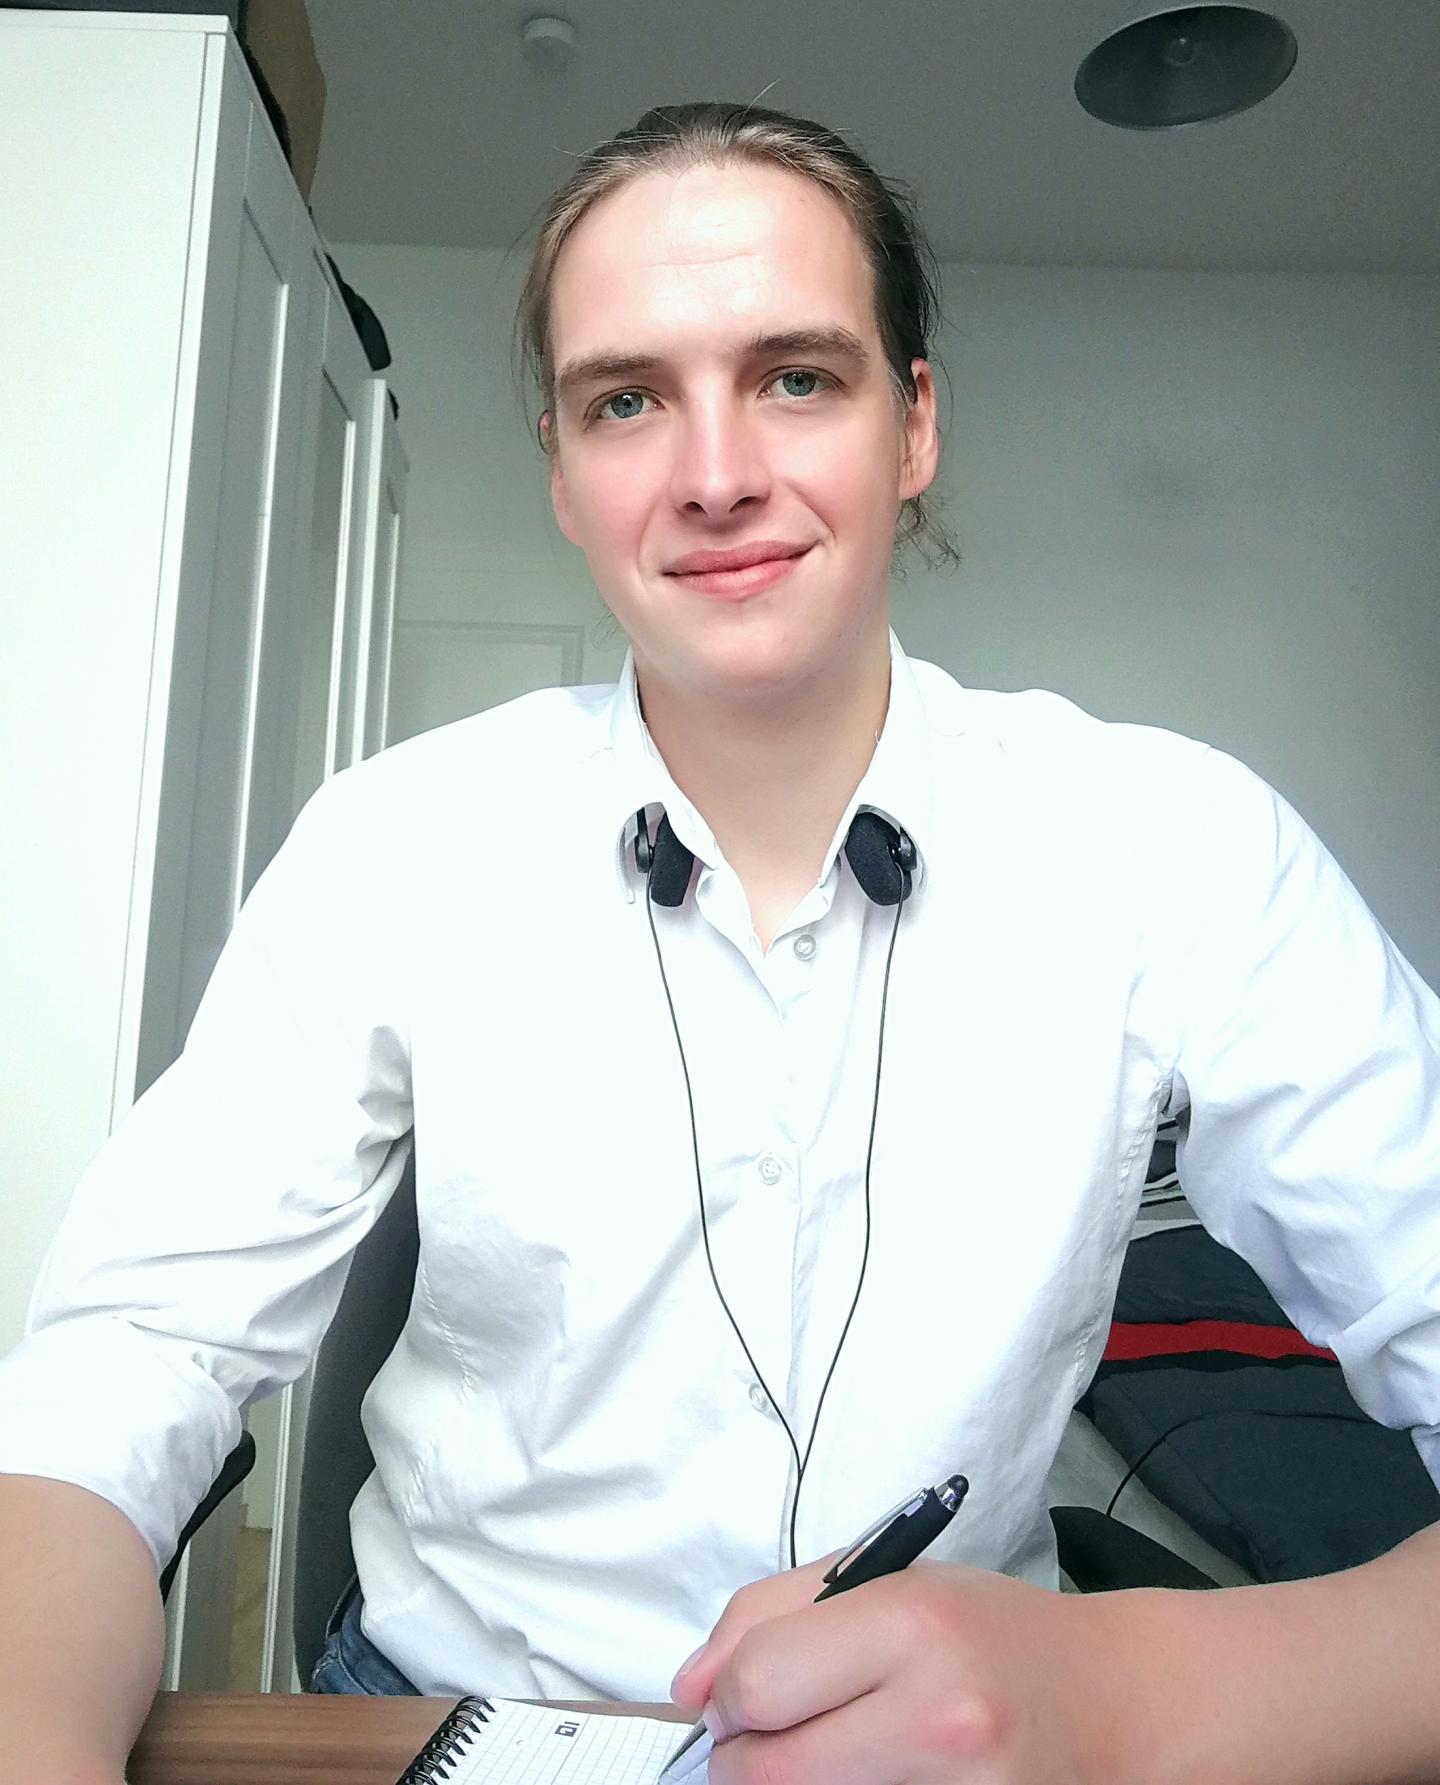 So sieht mich mein Laptop, mein treuester Arbeitskollege im HomeOffice, den ganzen Tag